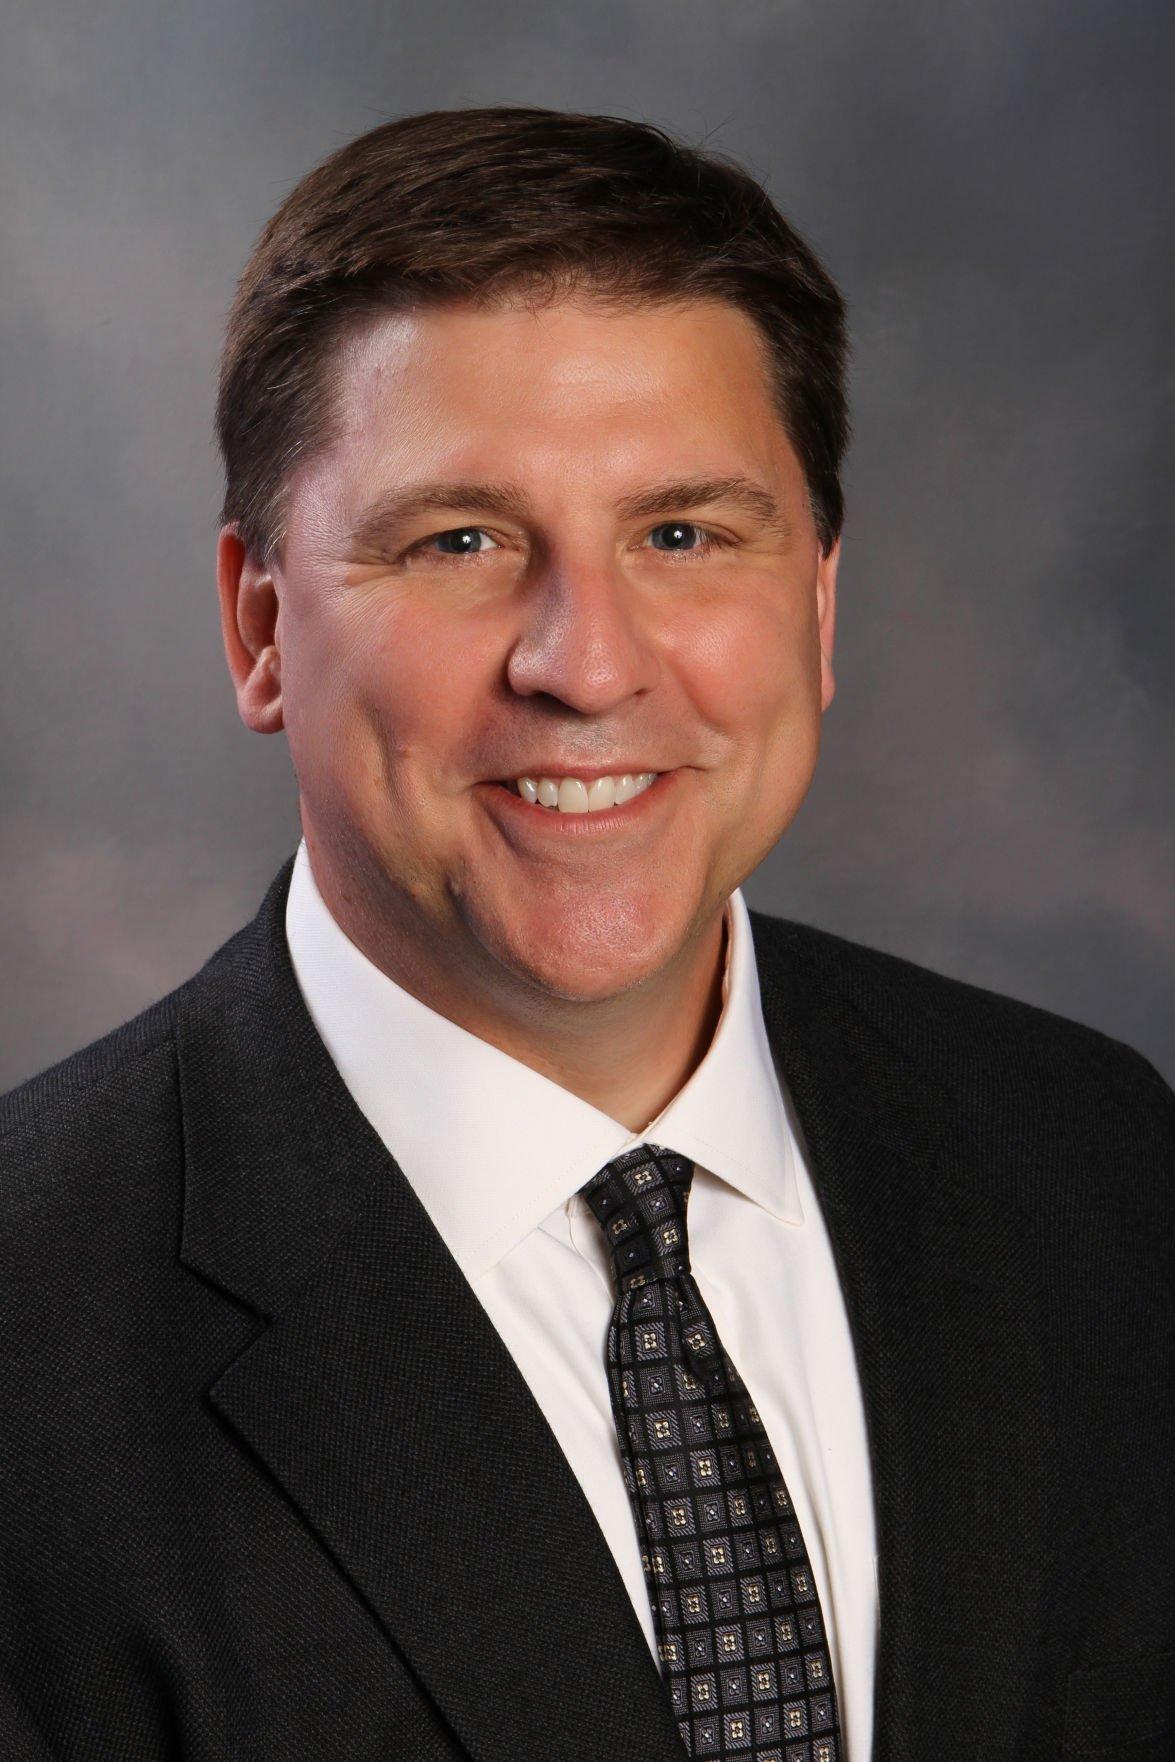 Dr. Dan Weinert